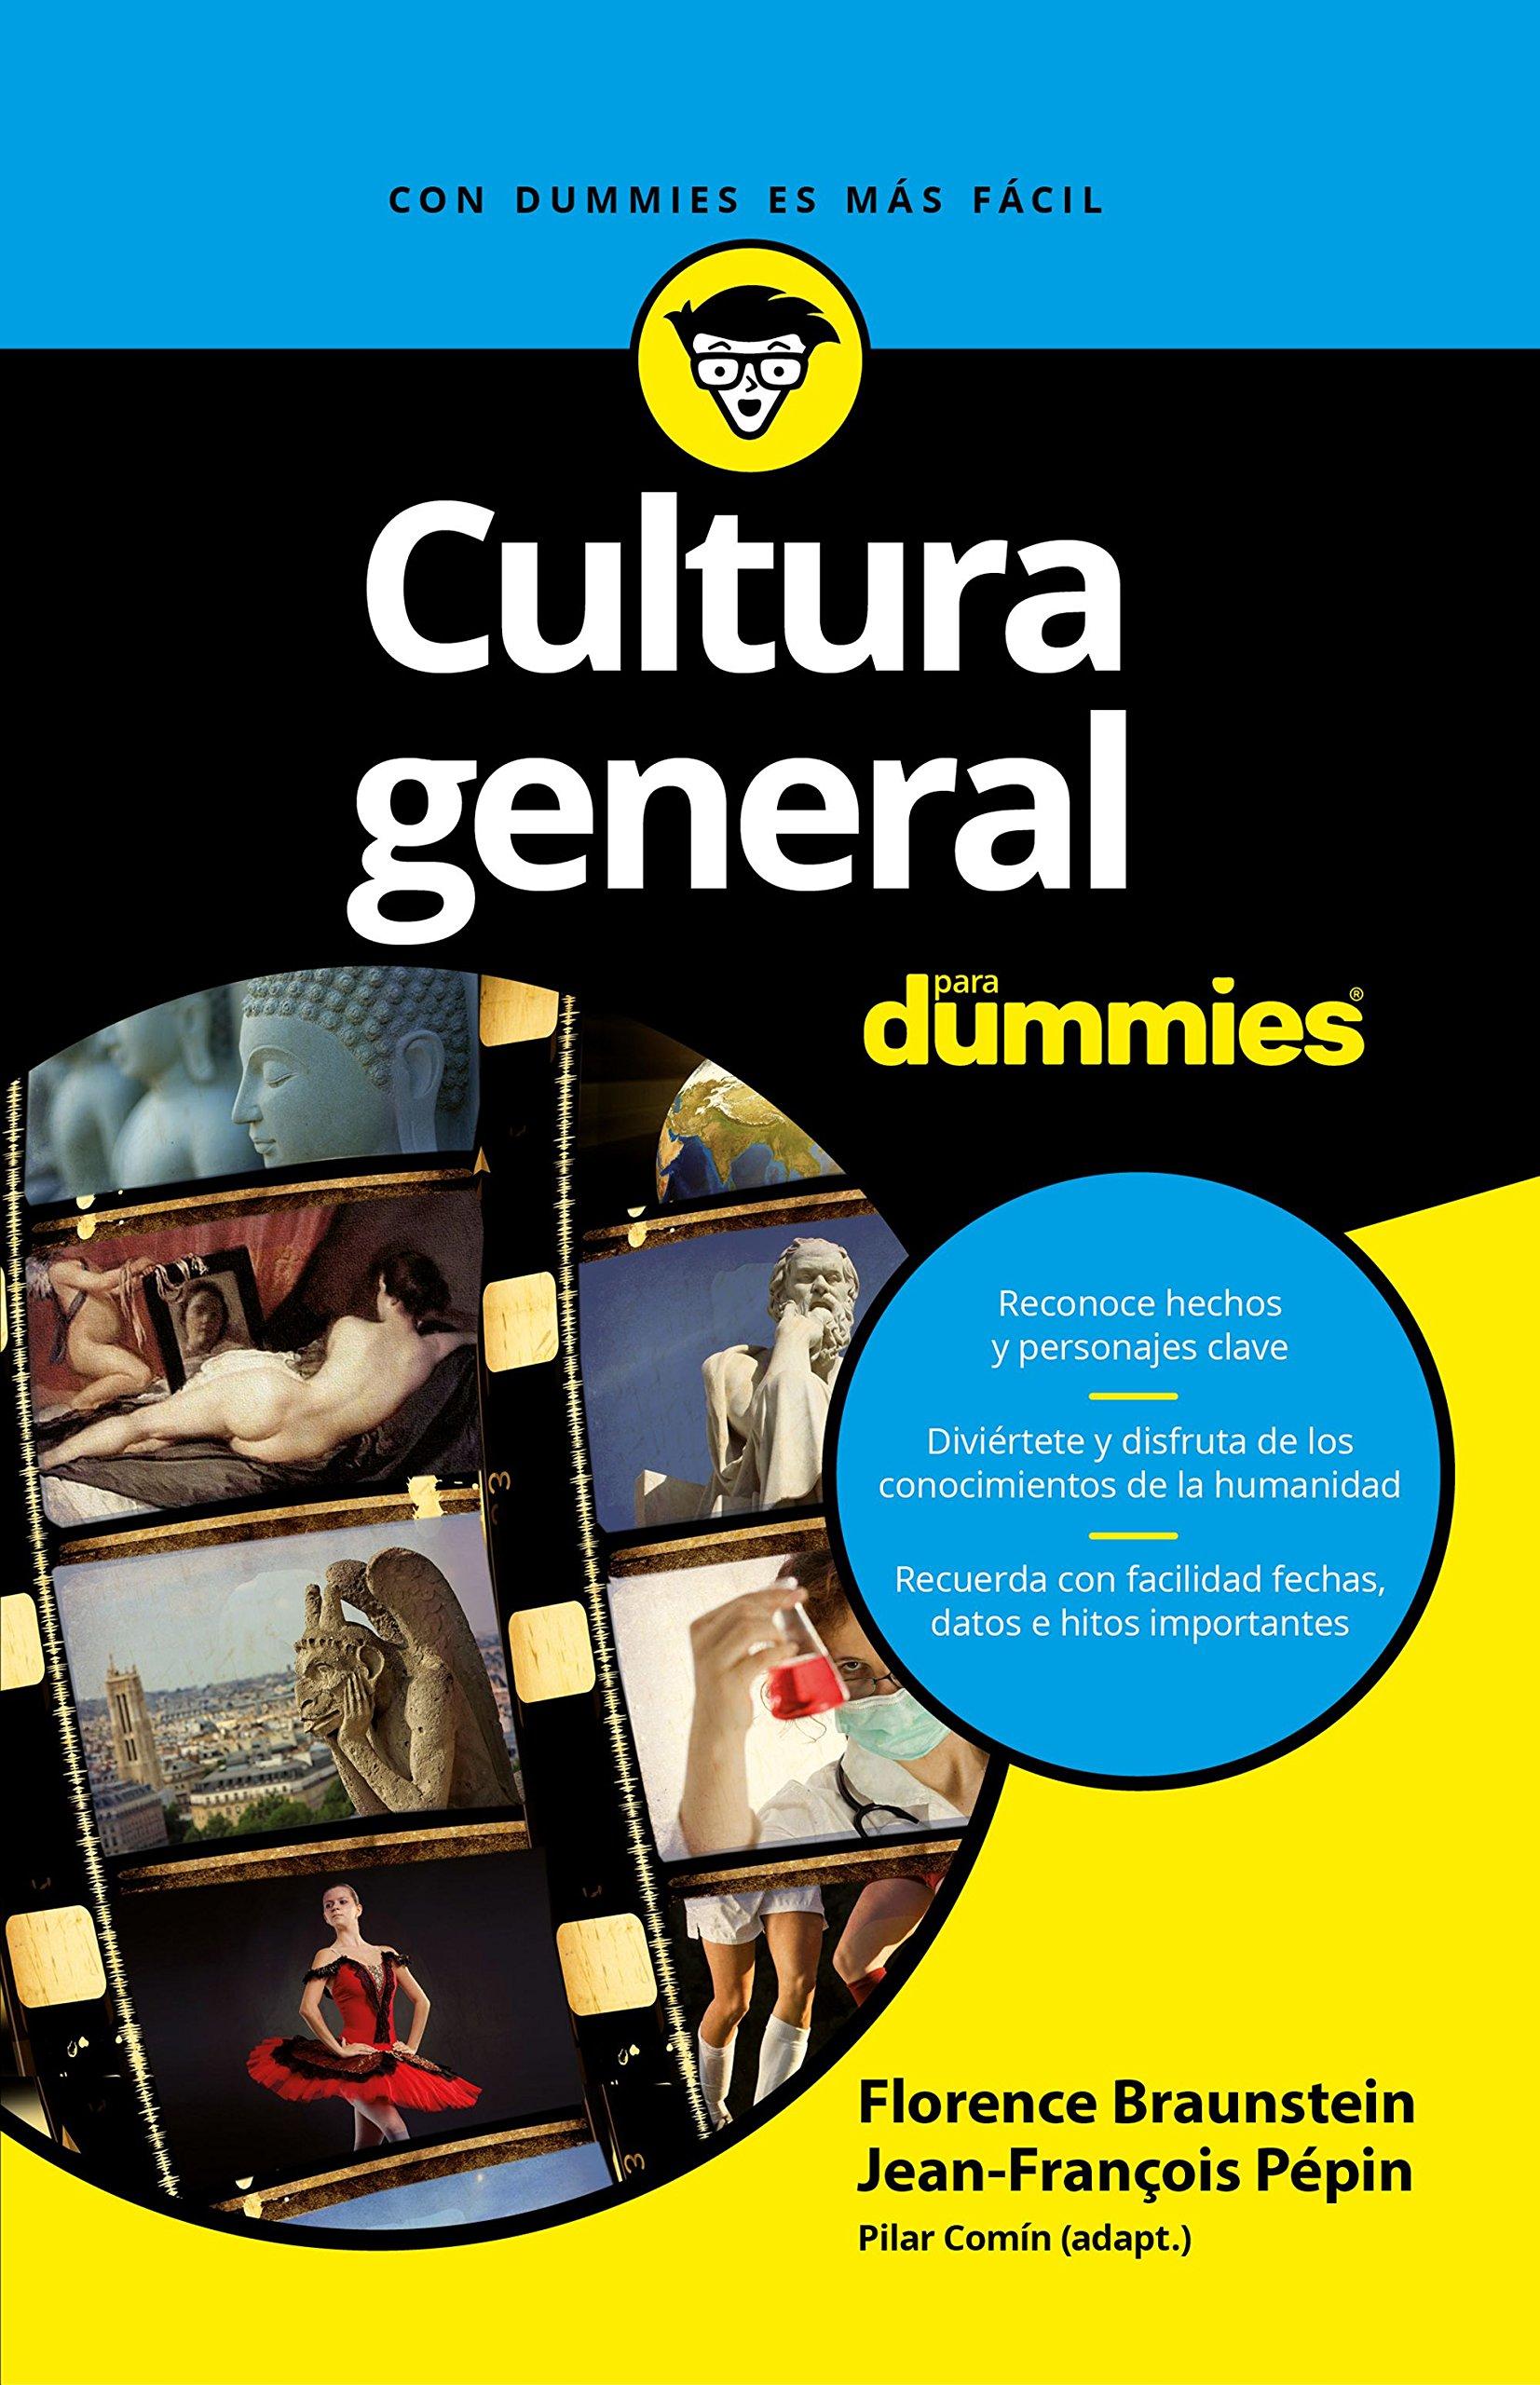 Cultura general para Dummies: Amazon.es: Jean-François Pépin, Florence Braunstein, Freire Diseño y Comunicación S. L.: Libros